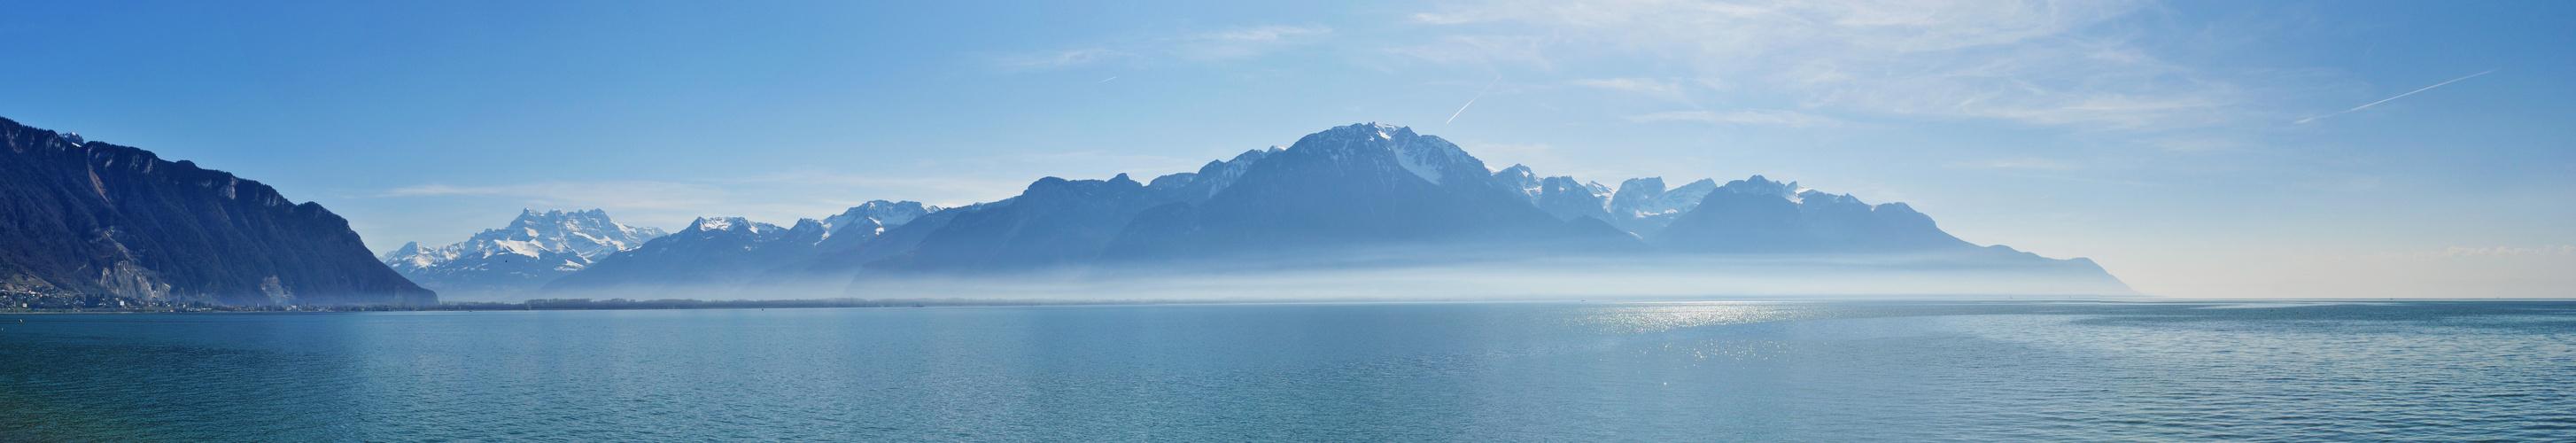 Lac Léman / Montreux VD